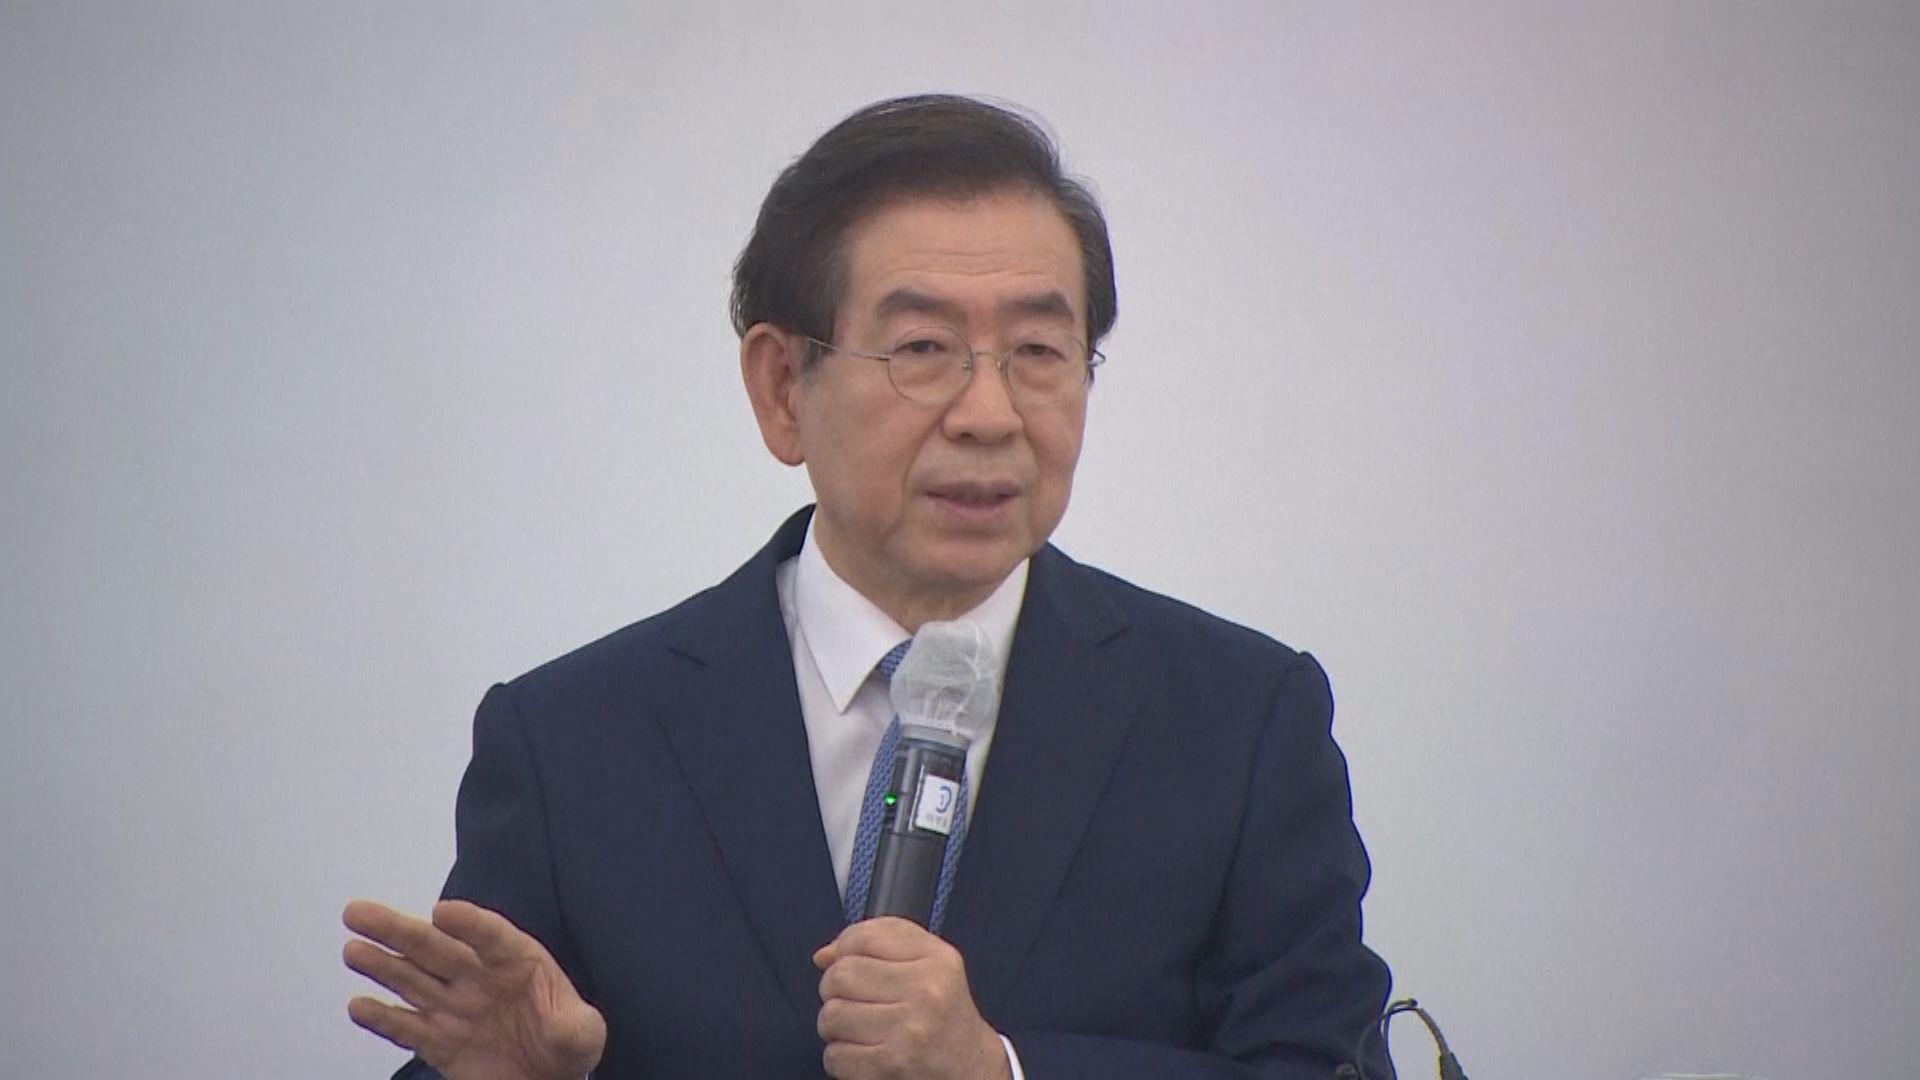 報道指朴元淳女秘書報案指控其性騷擾 警方調查是否屬實